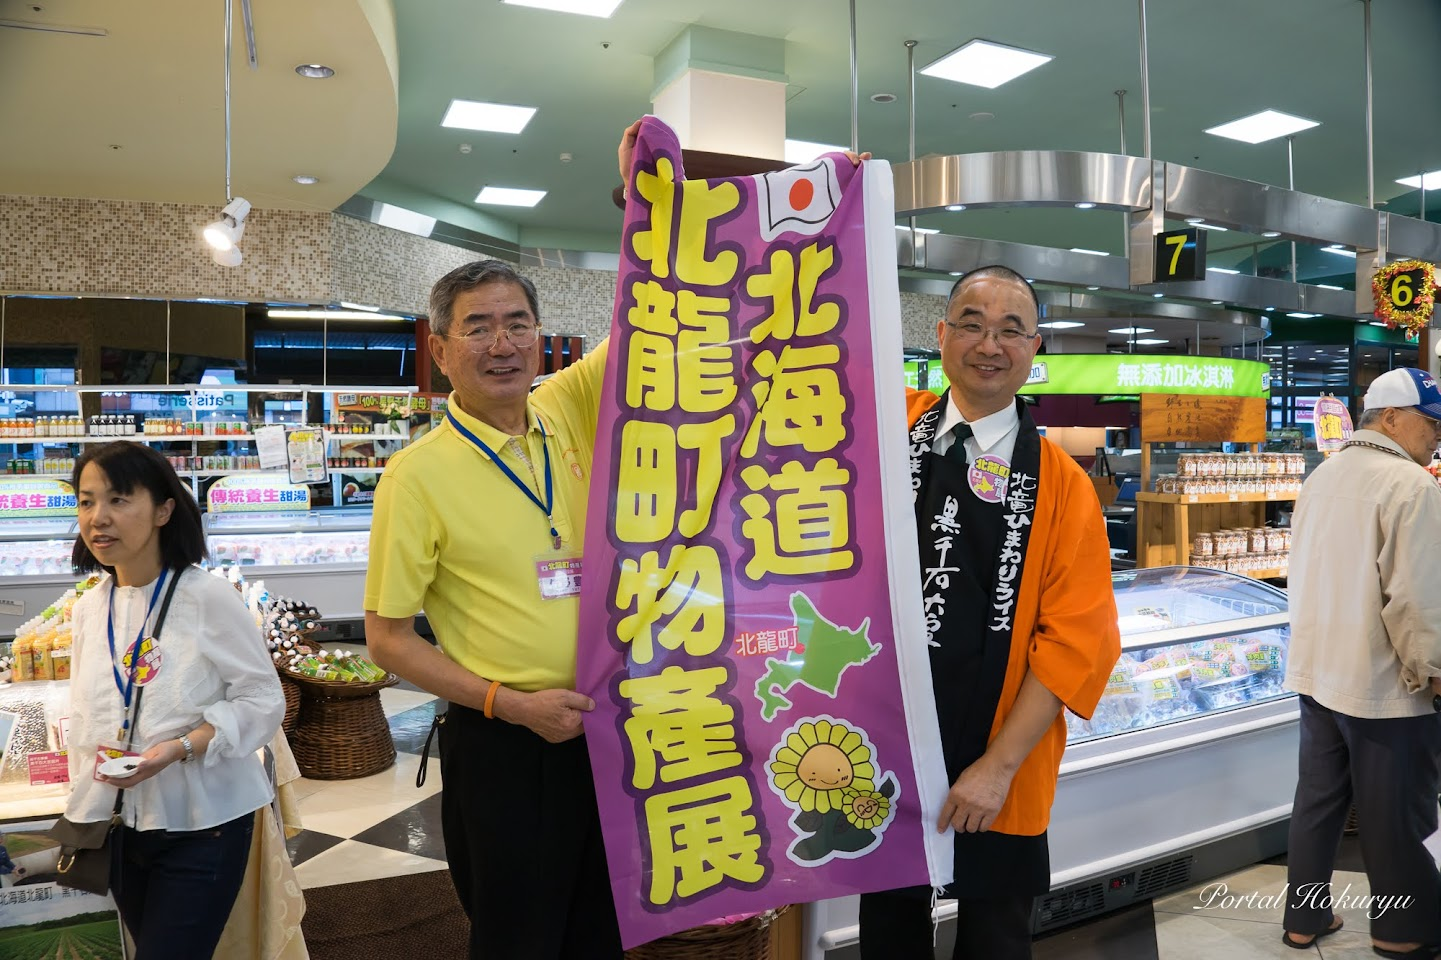 北竜町ひまわりライスの法被も裕毛屋公益店・邵栄泉 店長にプレゼント・佐野町長に、裕毛屋さんのノボリがプレゼントされました